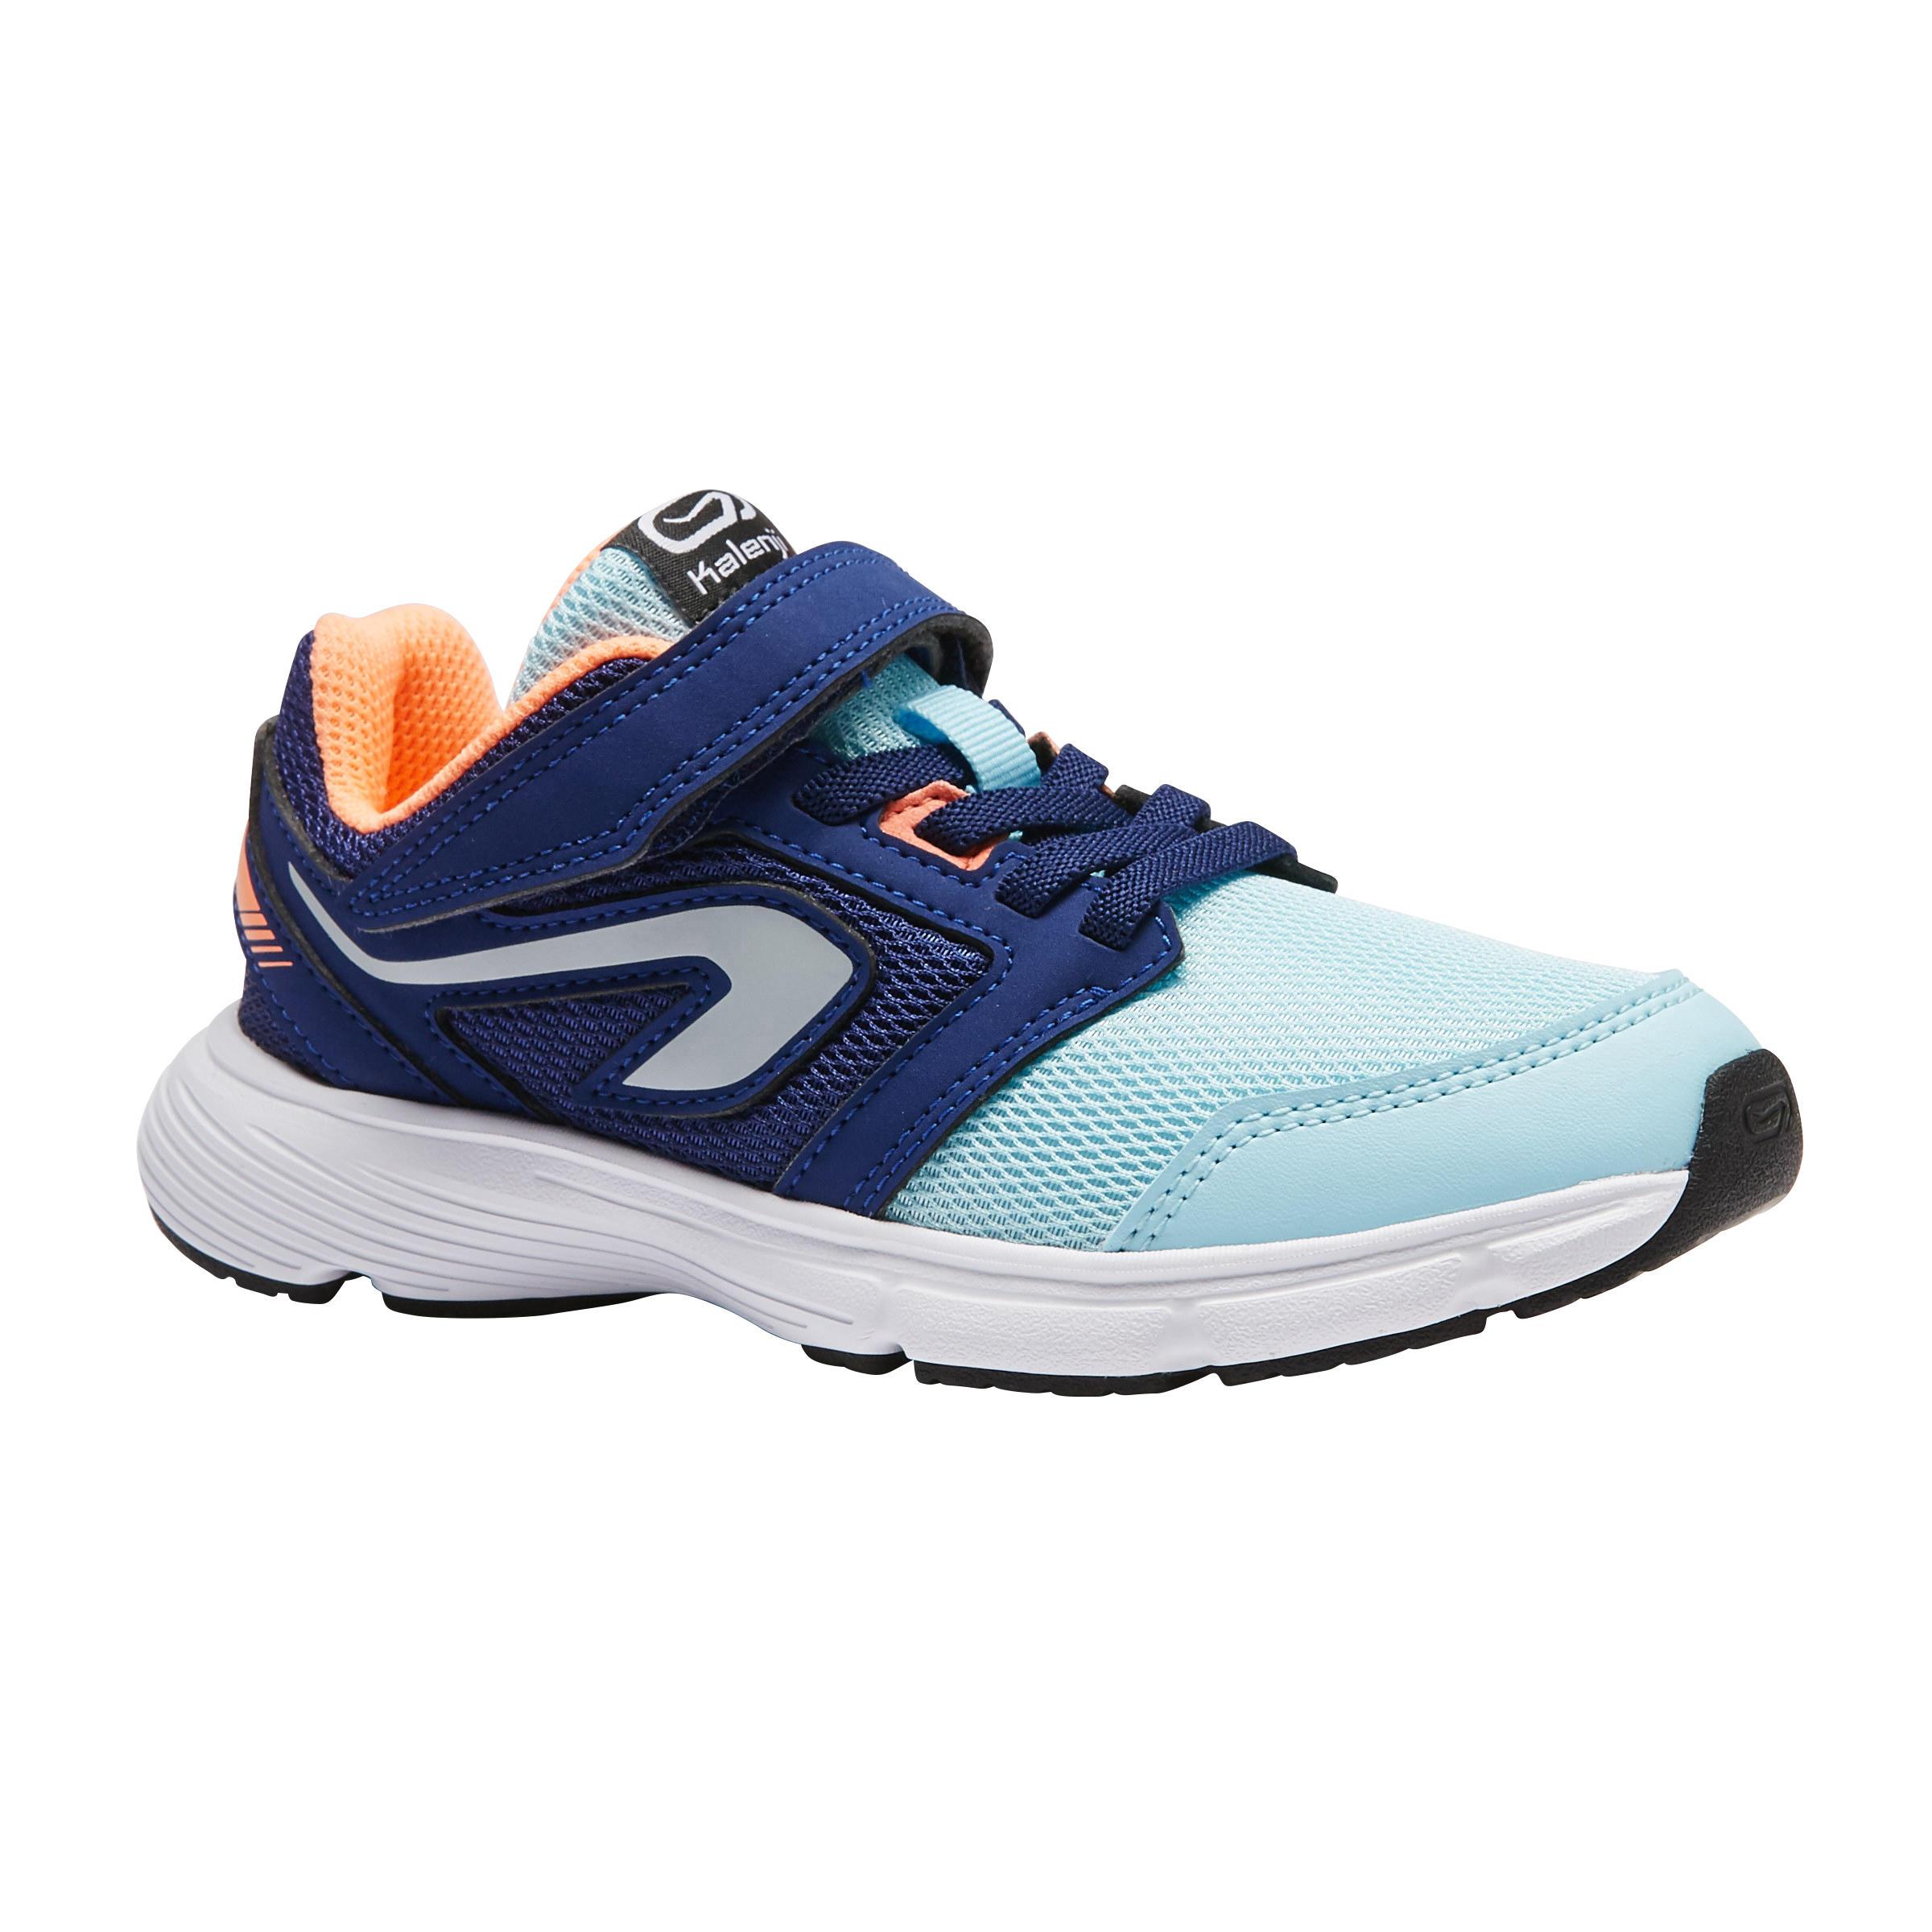 Kalenji Atletiekschoenen voor kinderen Run Support klittenband blauw/koraalrood